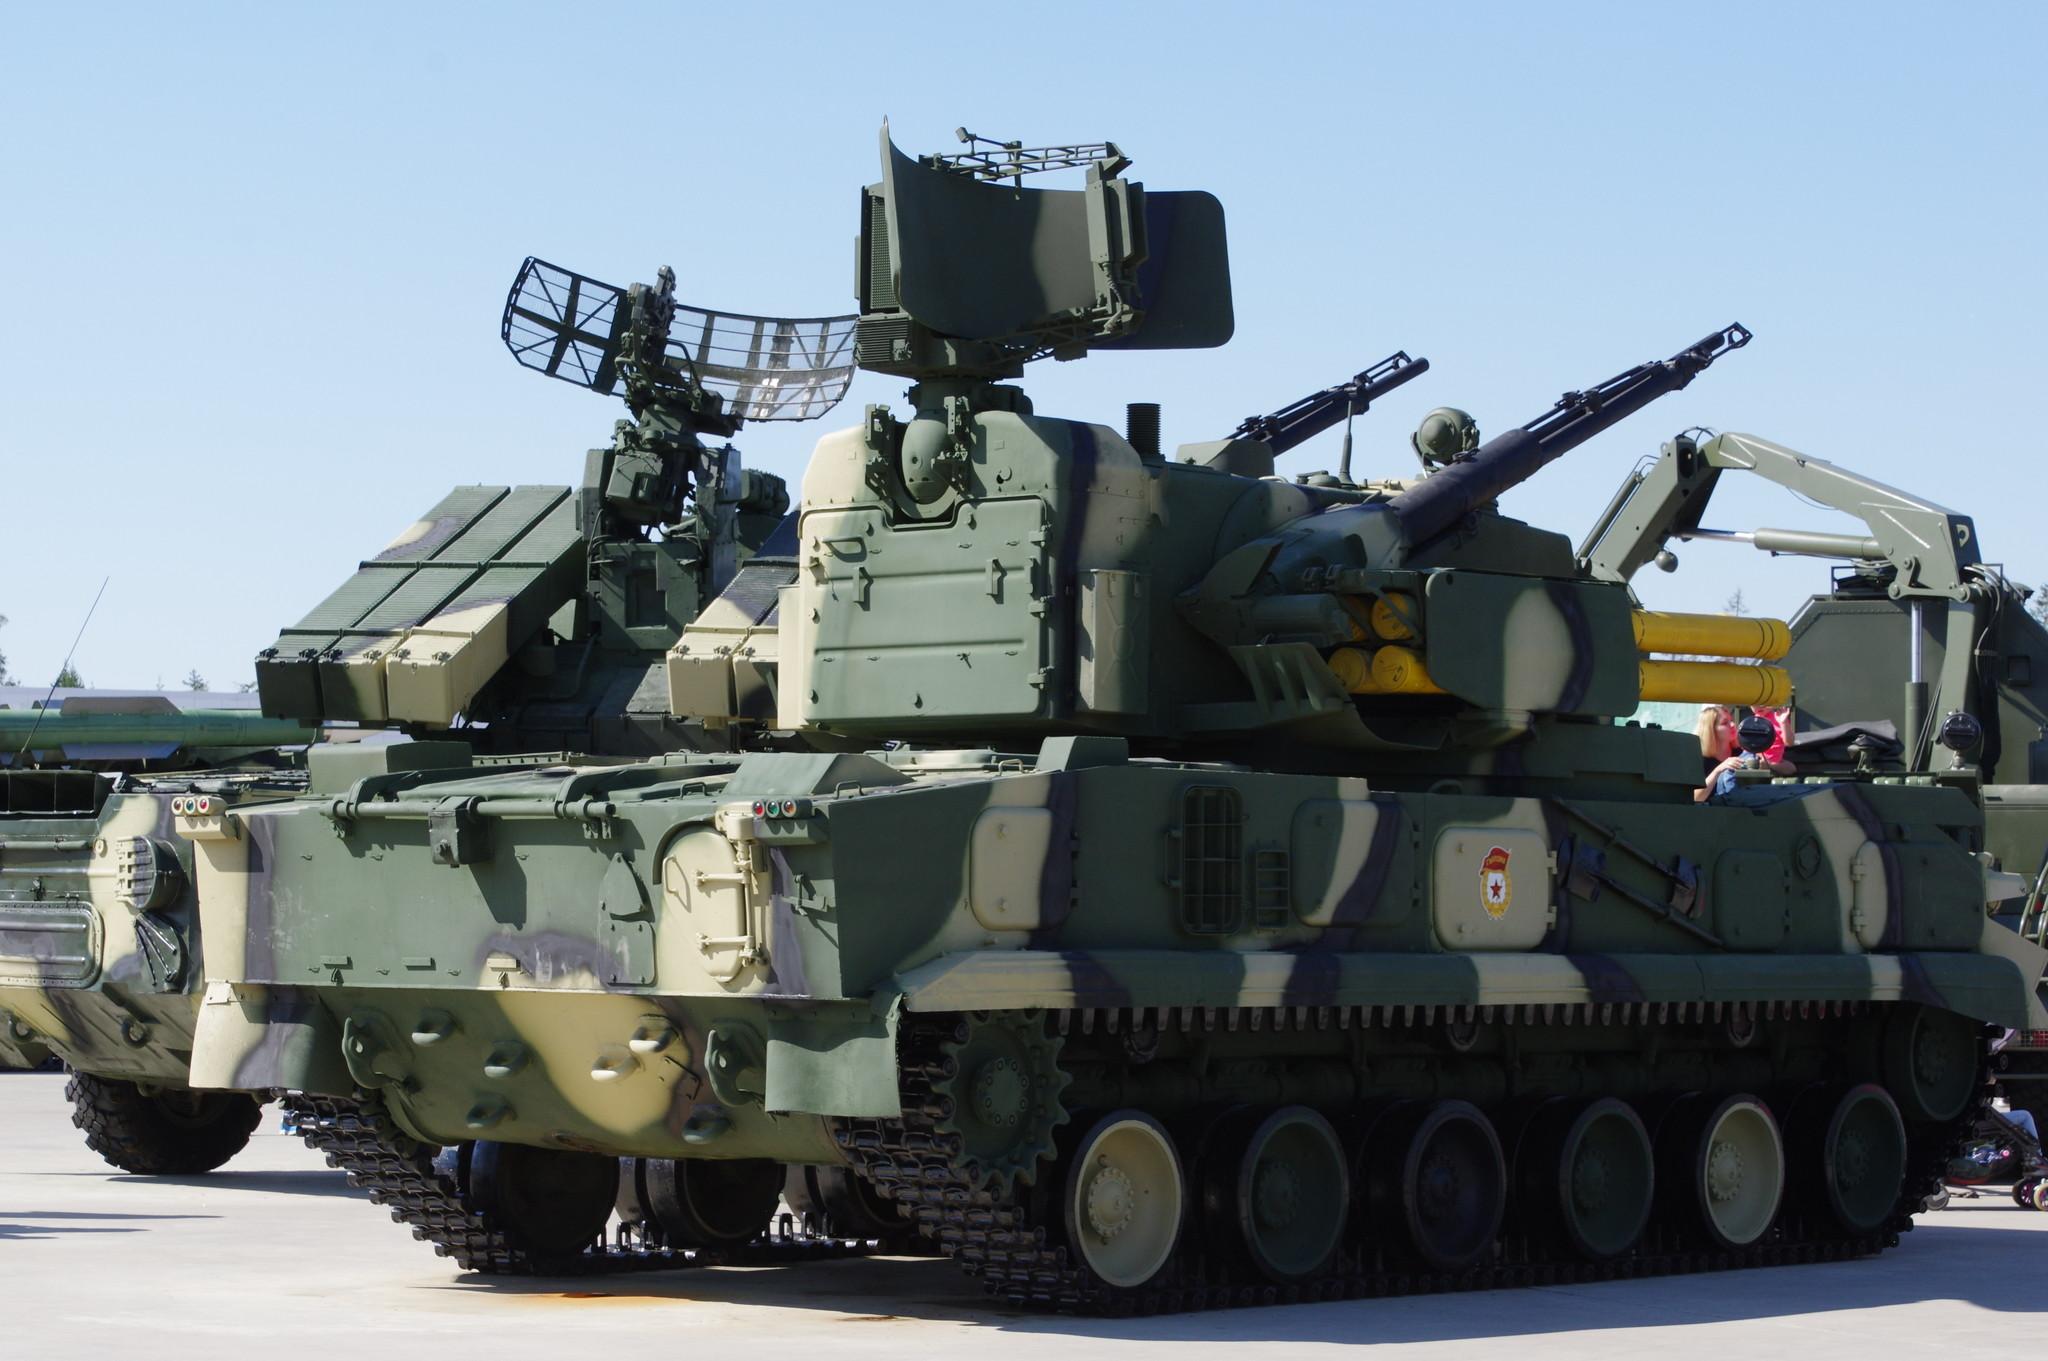 Зенитный пушечно-ракетный комплекс «Тунгуска» 2С6